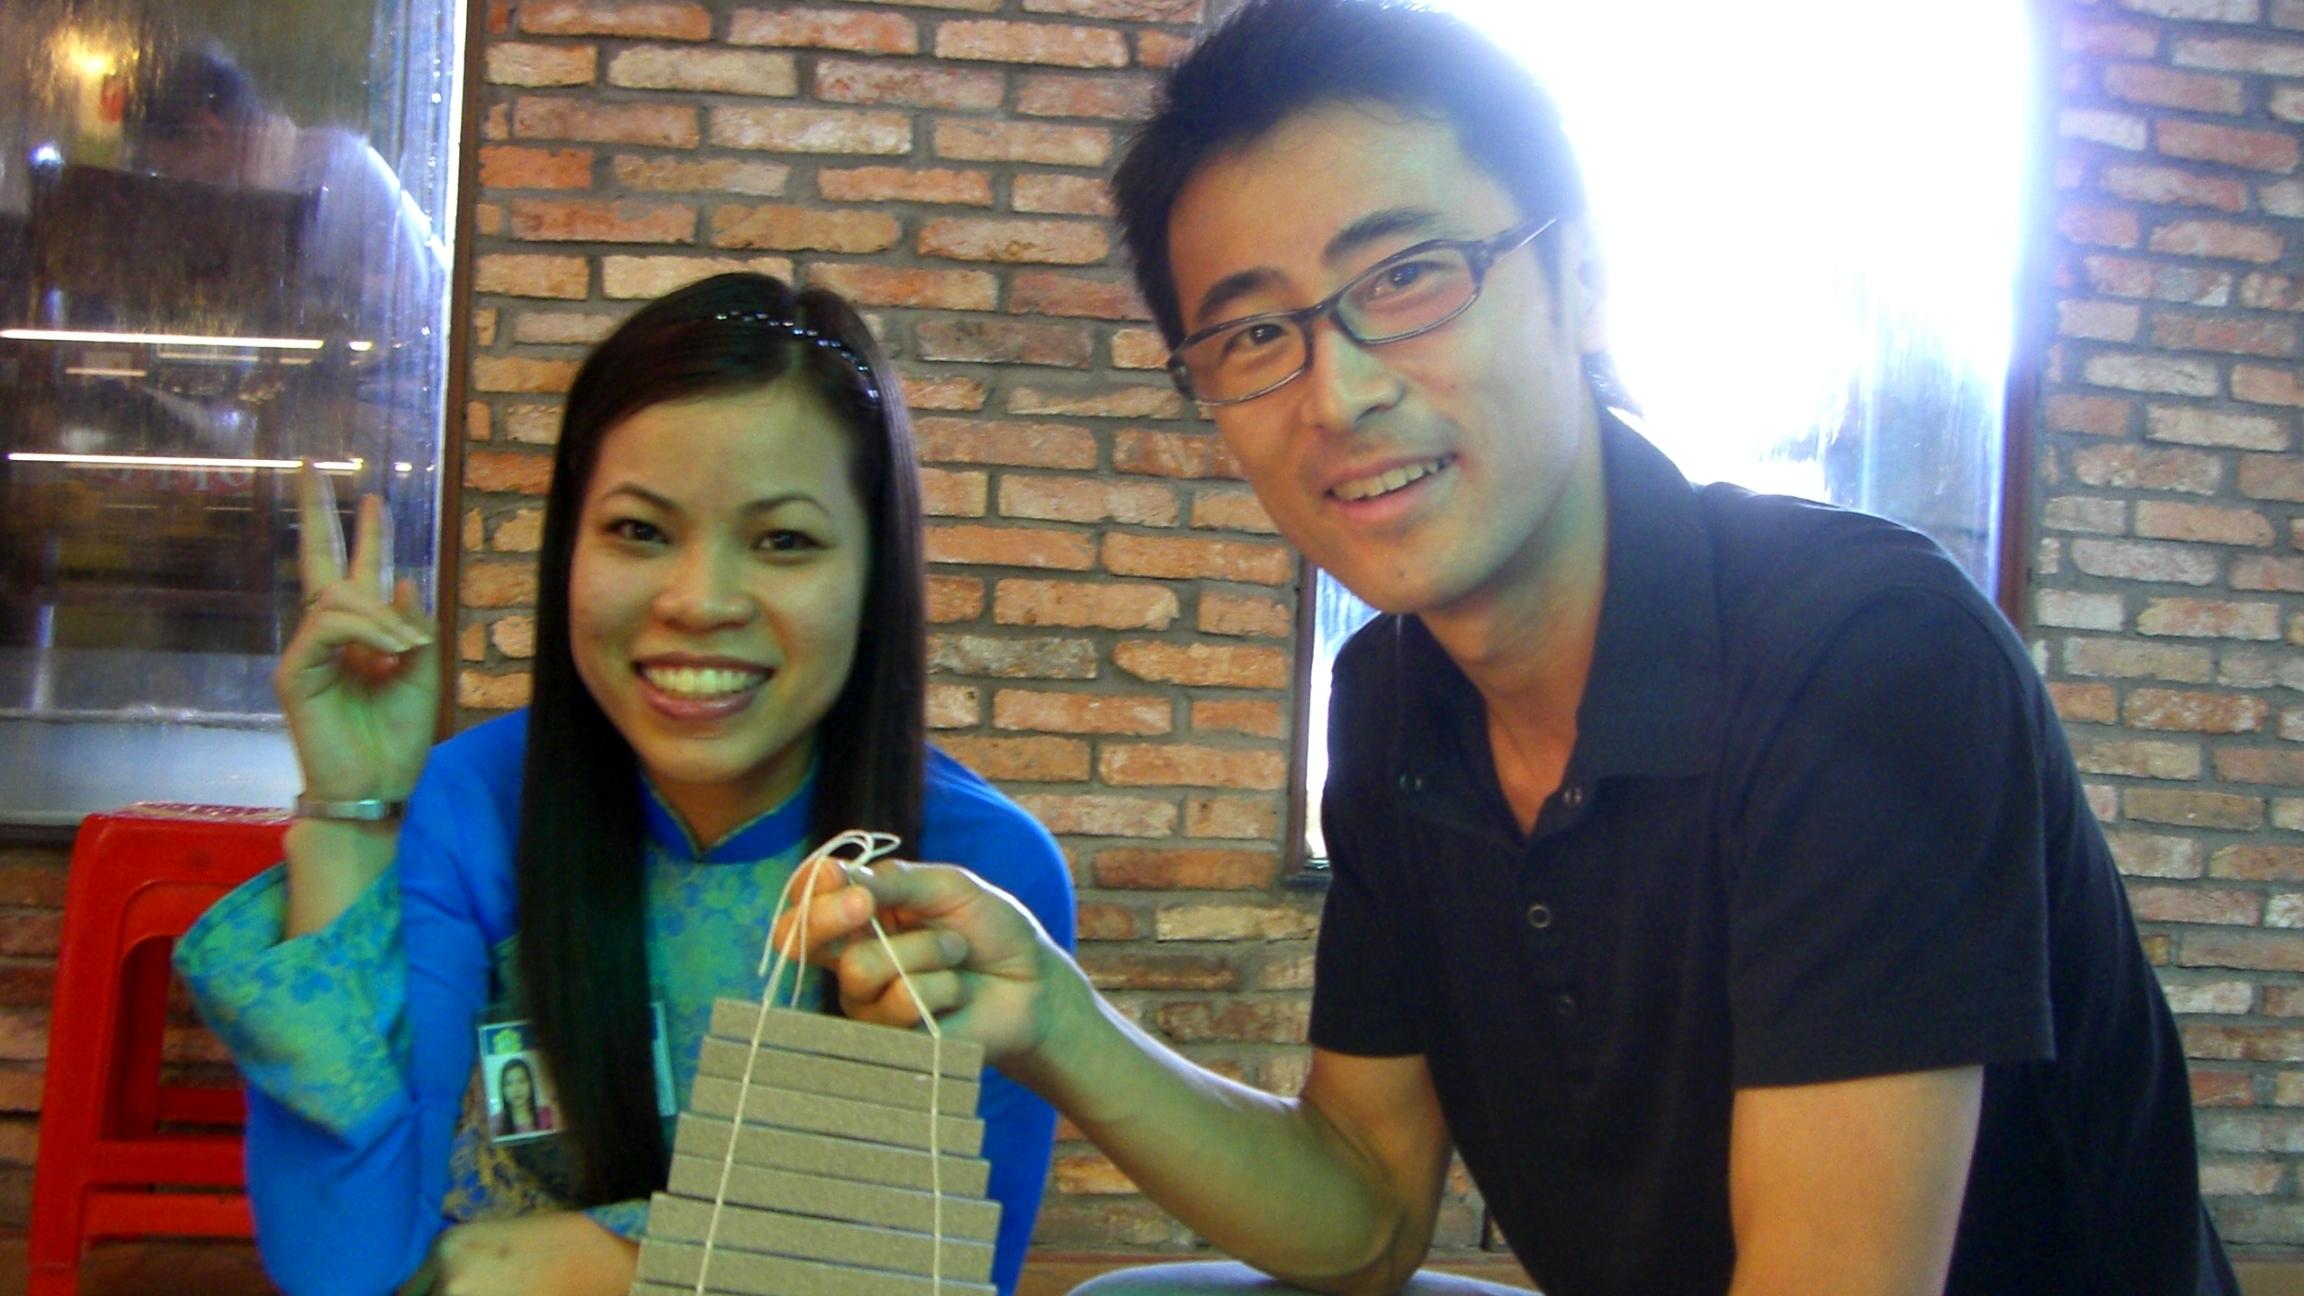 ベトナム5日目:ホーチミンの街歩きで楽器を買う!